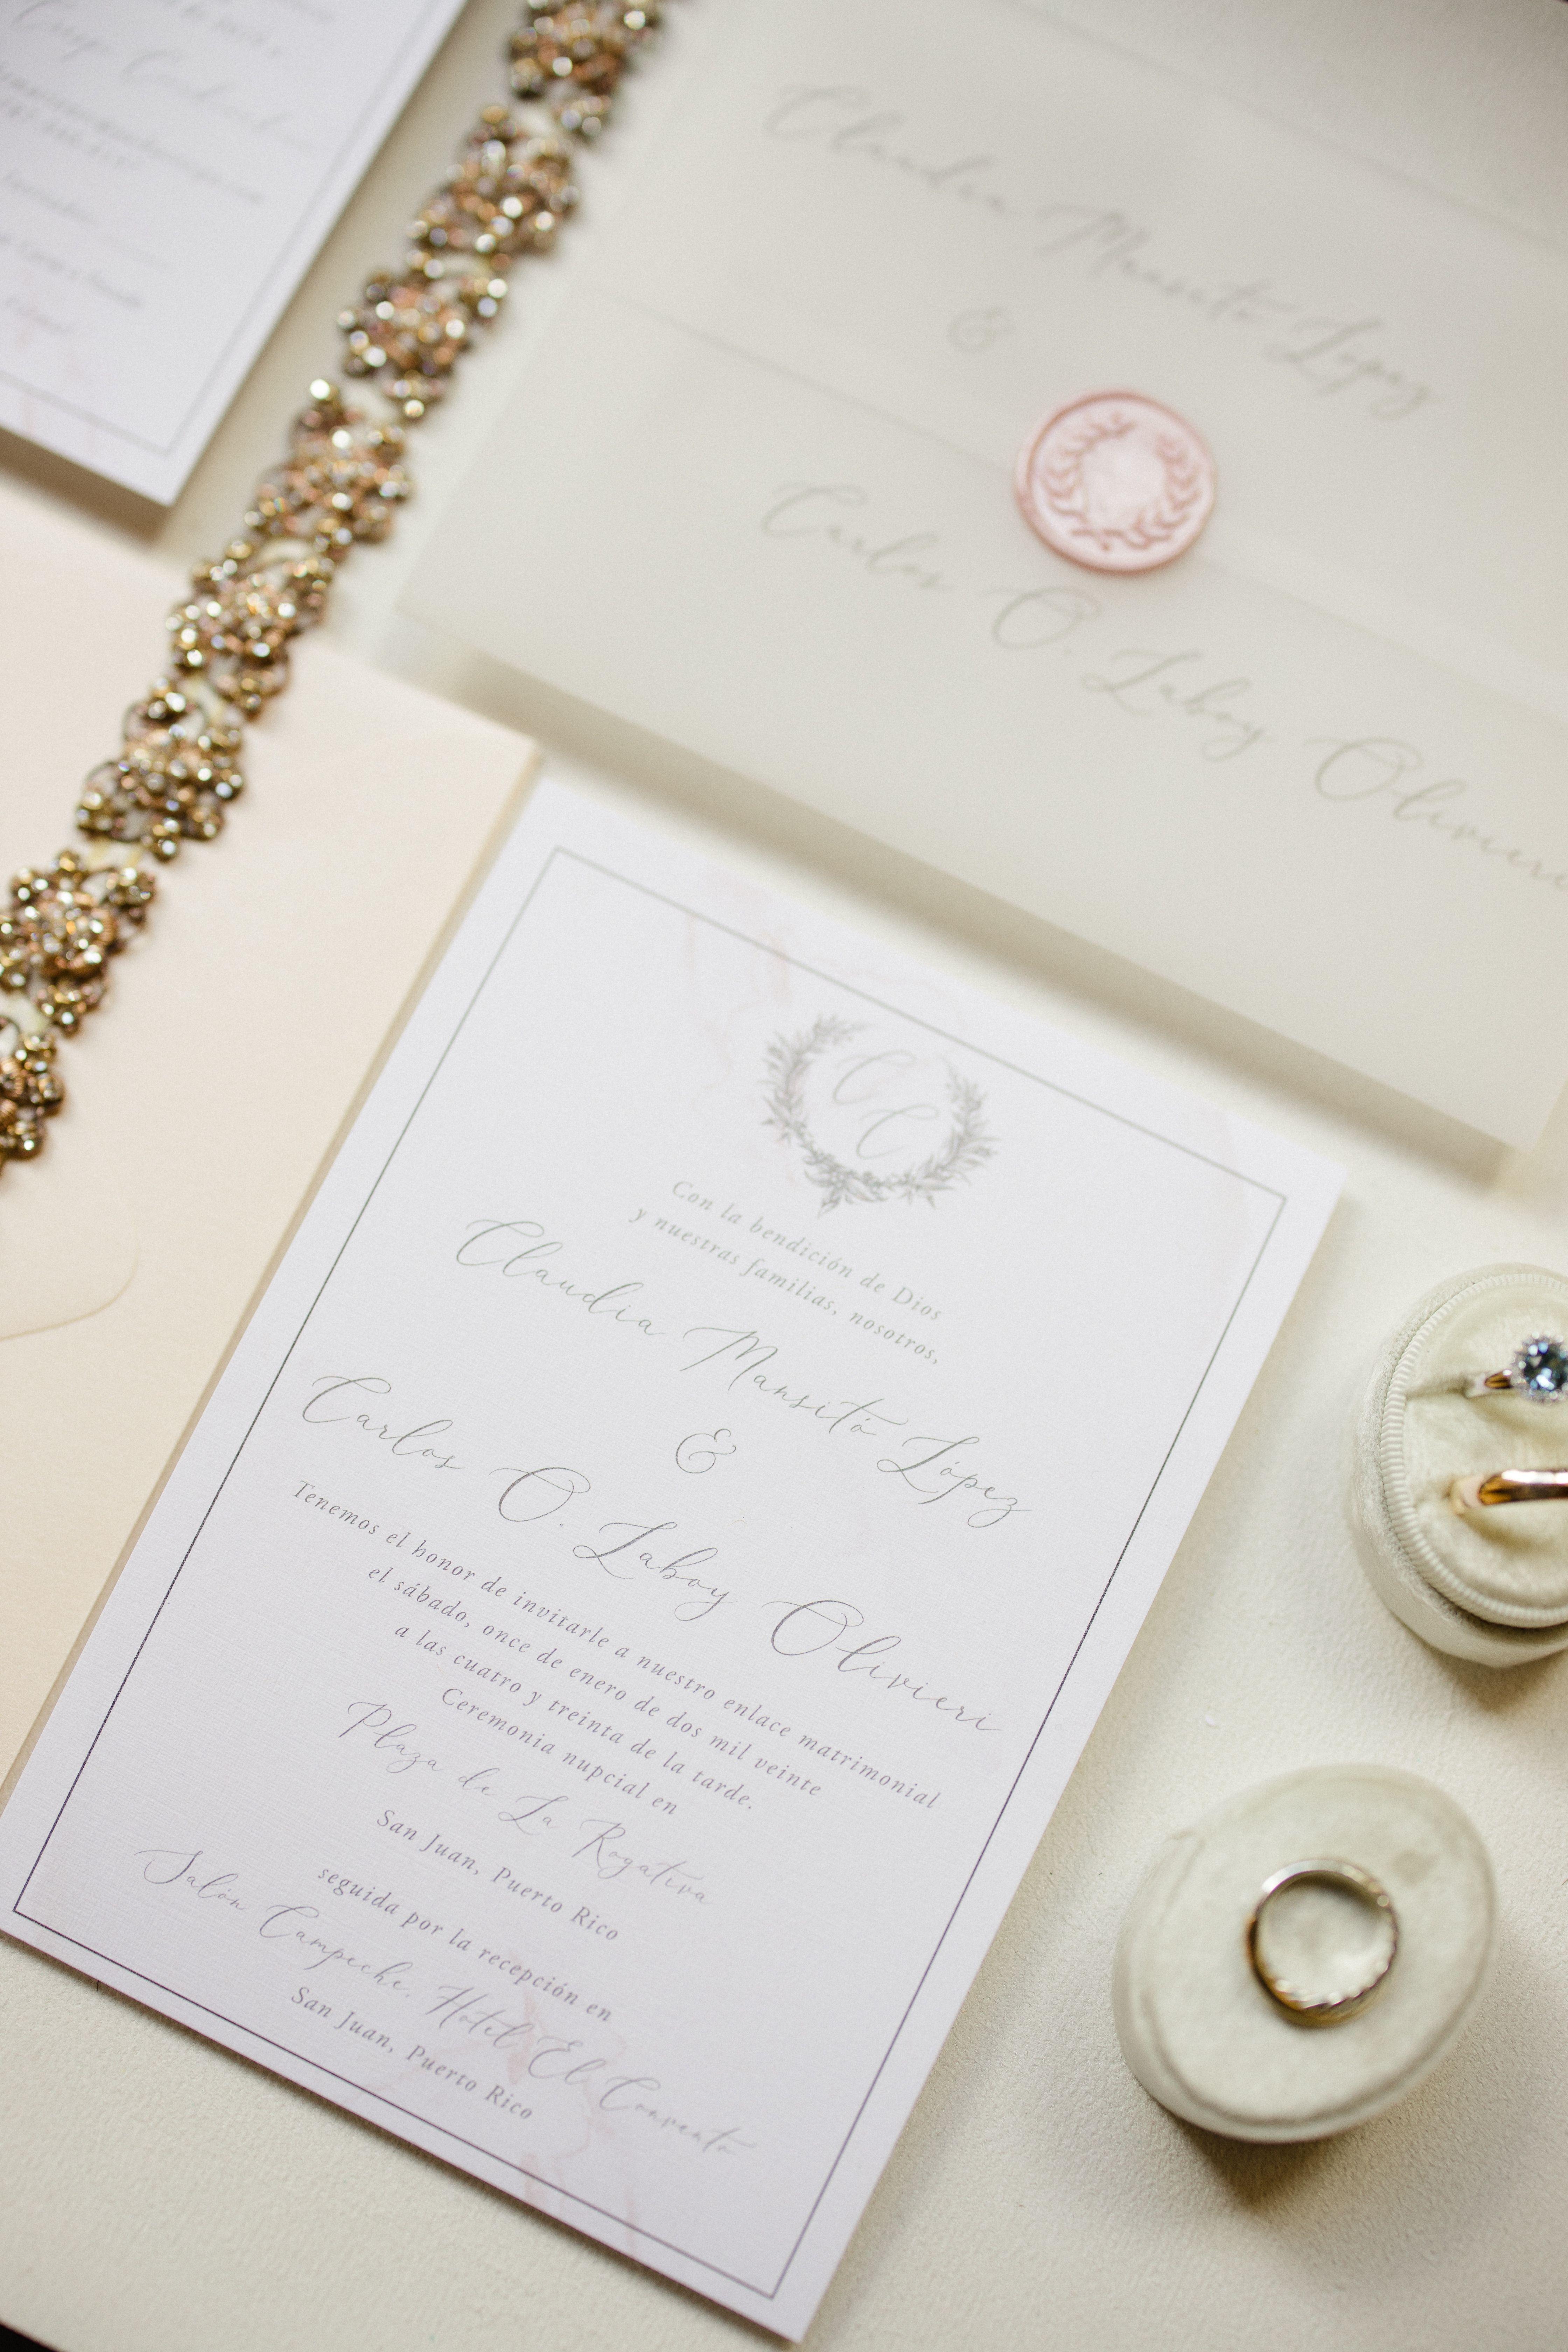 Invitaciones: Paper Crafts (Vanessa Velez)